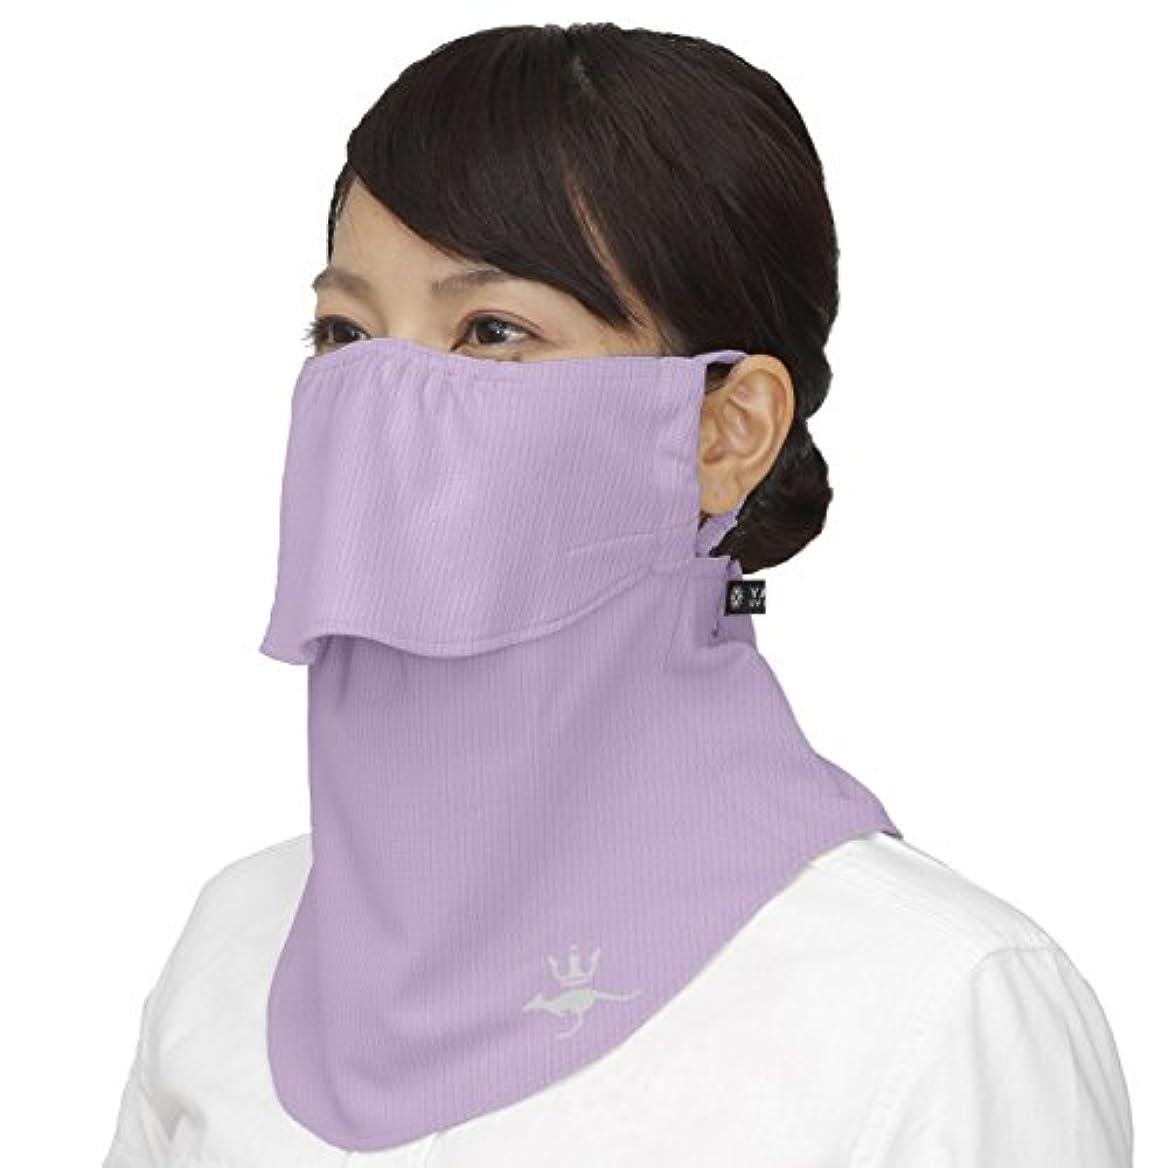 避難するランチいたずら(シンプソン)Simpson 息苦しくない 紫外線防止 レディース 日焼け防止 UVカット フェイスマスク フェイスカバー STA-M02